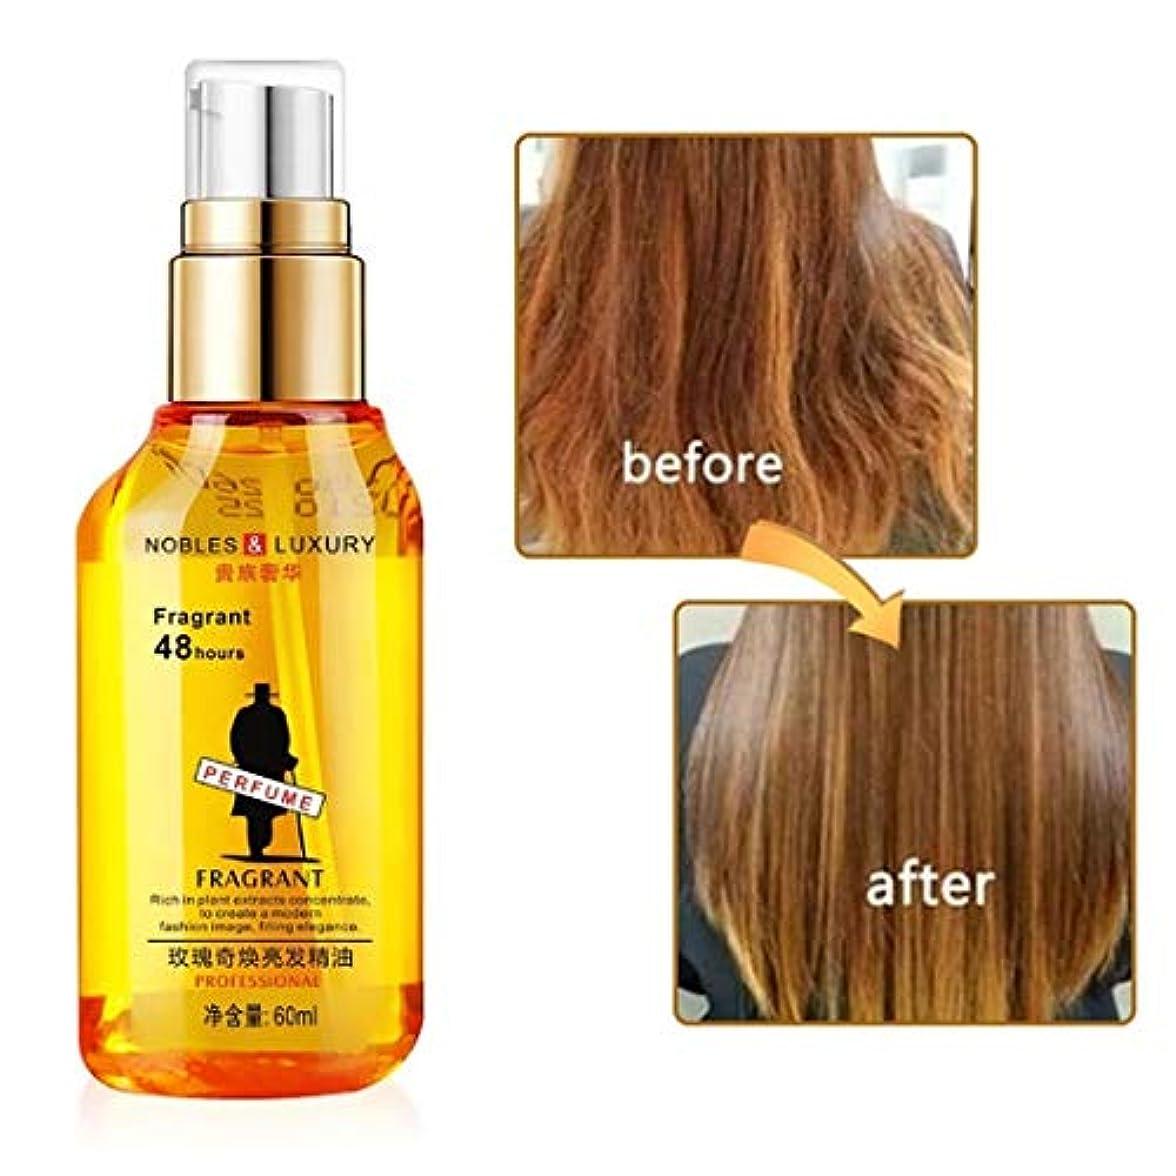 パイプラインリゾートノイズハーブの毛の成長の反毛損失の液体は厚く速い毛の成長の処置を促進します60ml精油のヘルスケアの美の本質